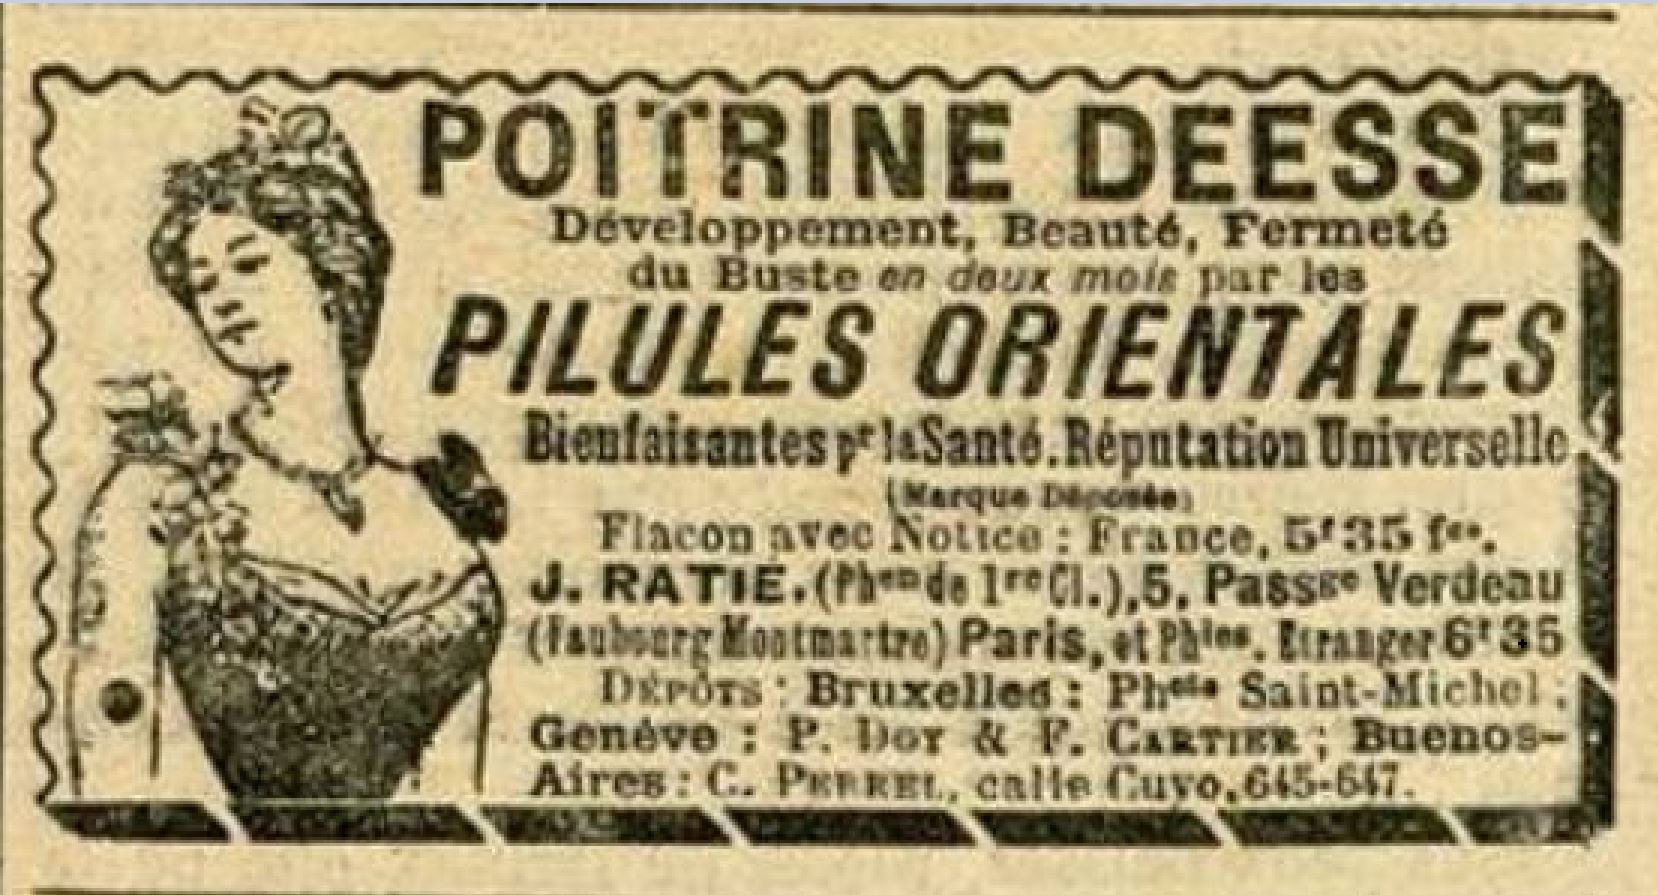 Publicite 1901